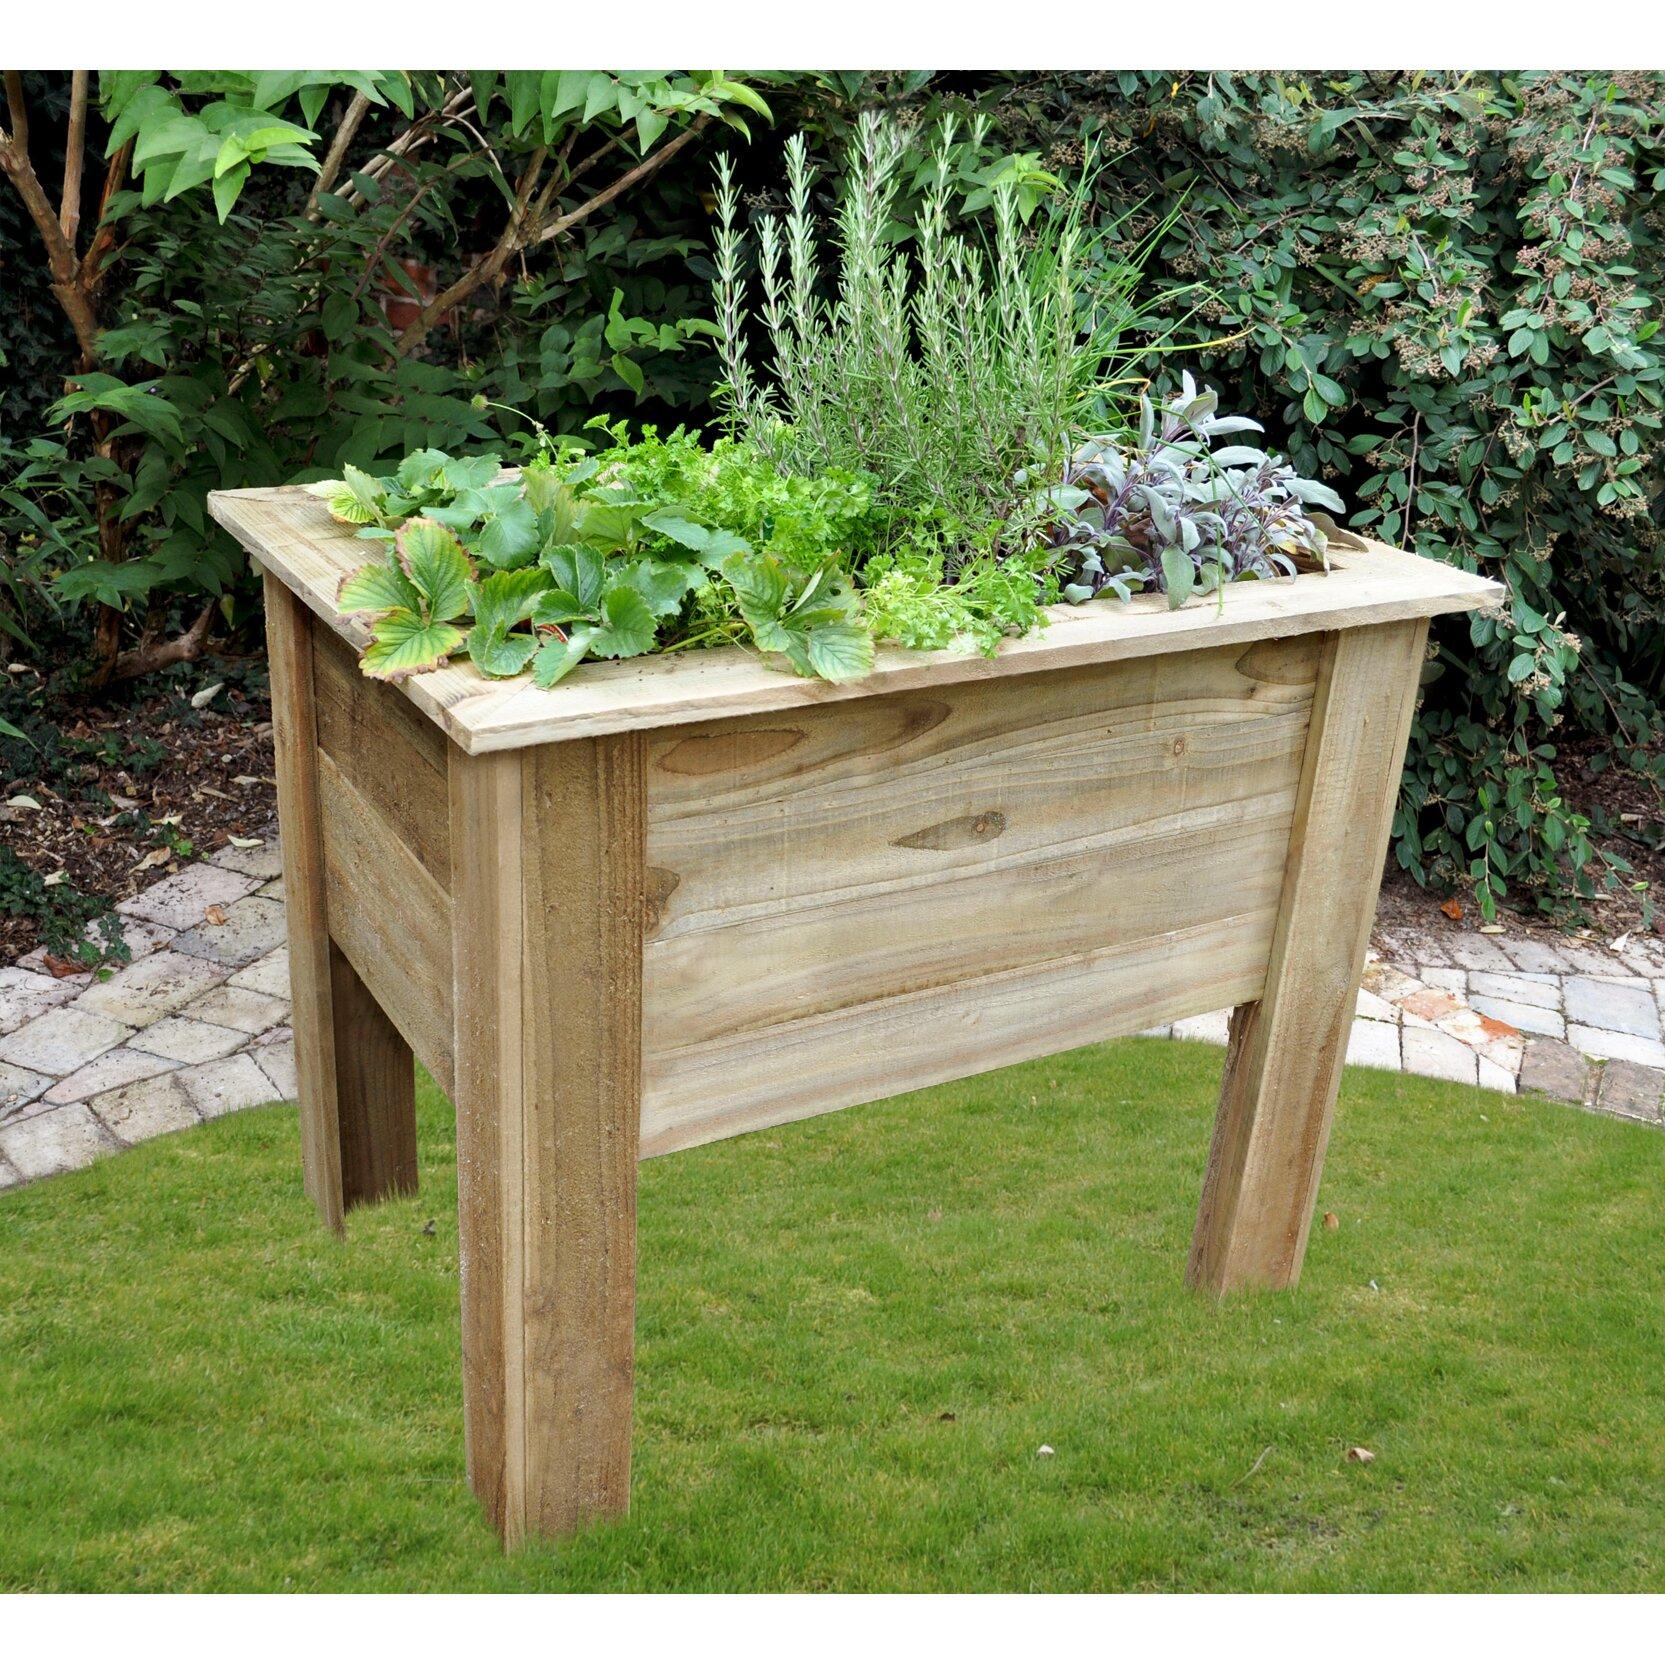 Forest Garden Deep Root Raised Garden Reviews